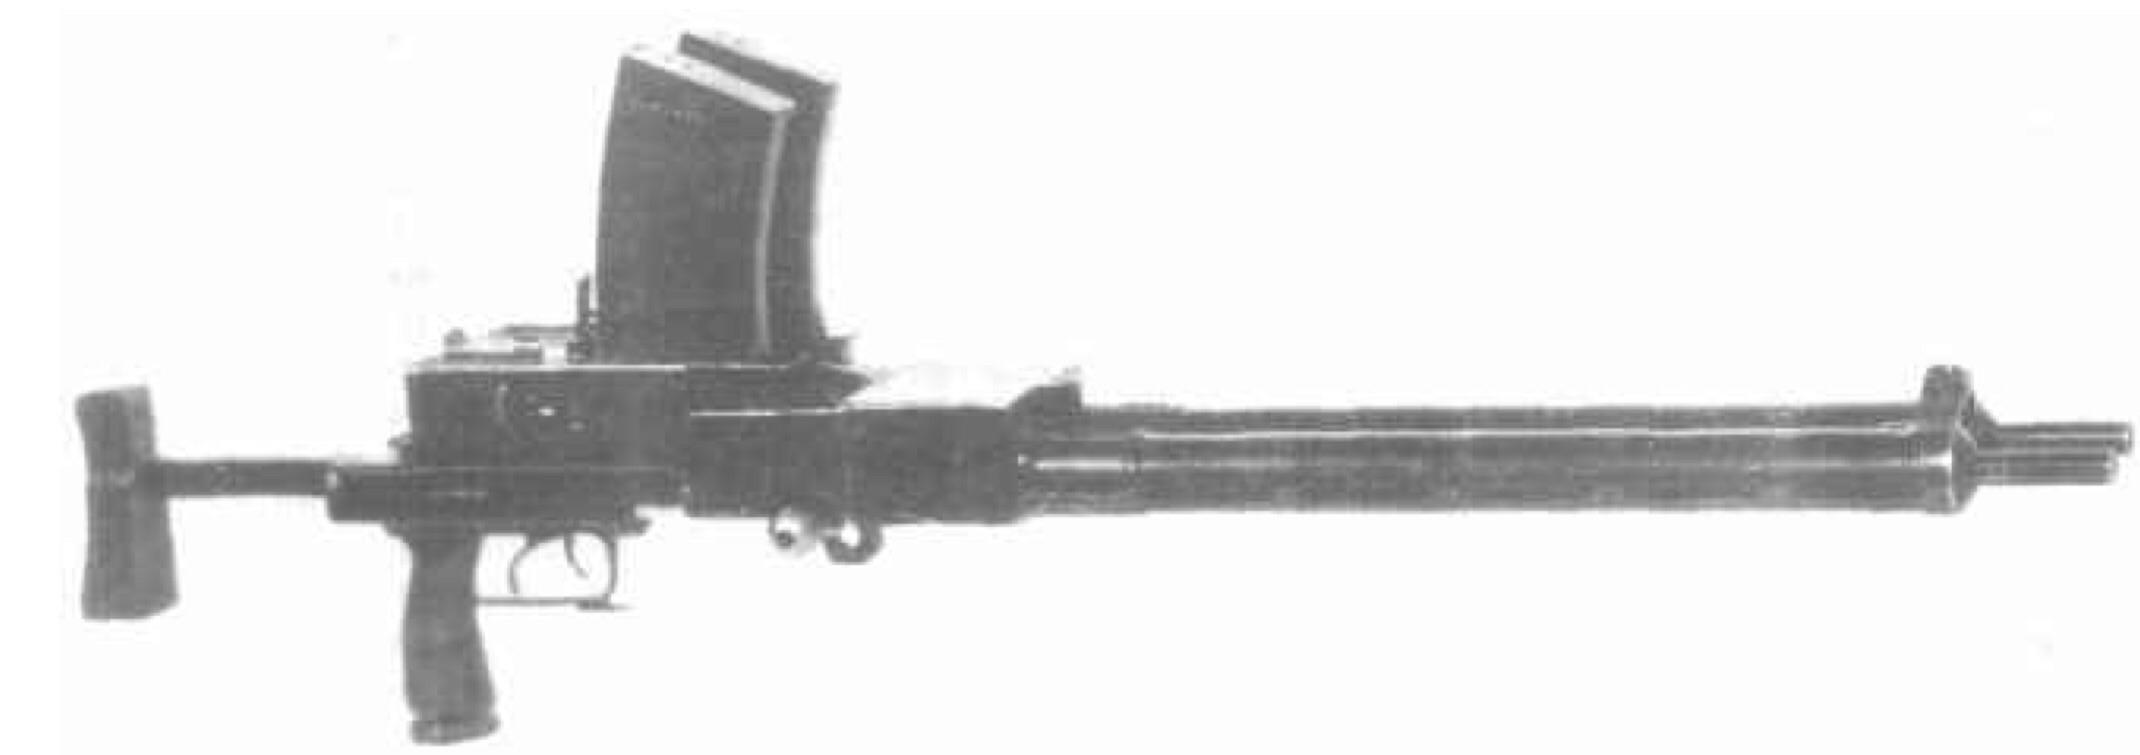 Fedorov-Shpagin Model 1922